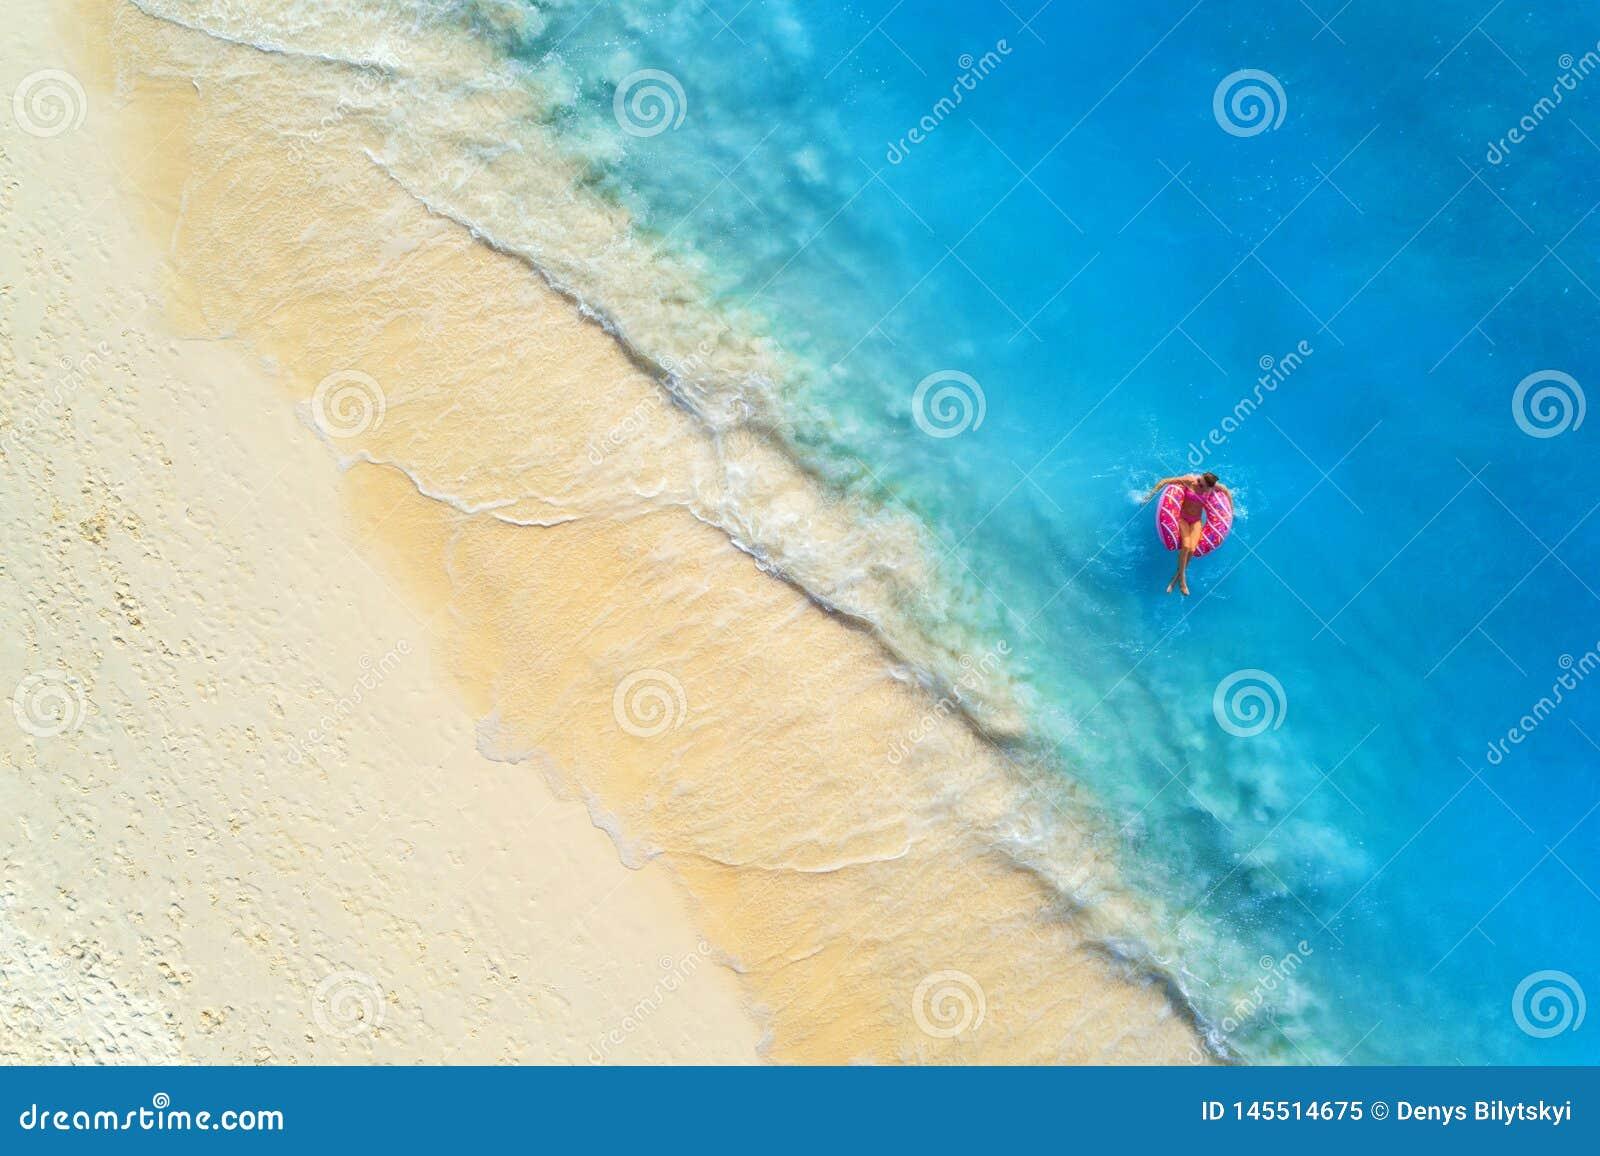 Vista aerea di una donna di nuoto nel mare al tramonto